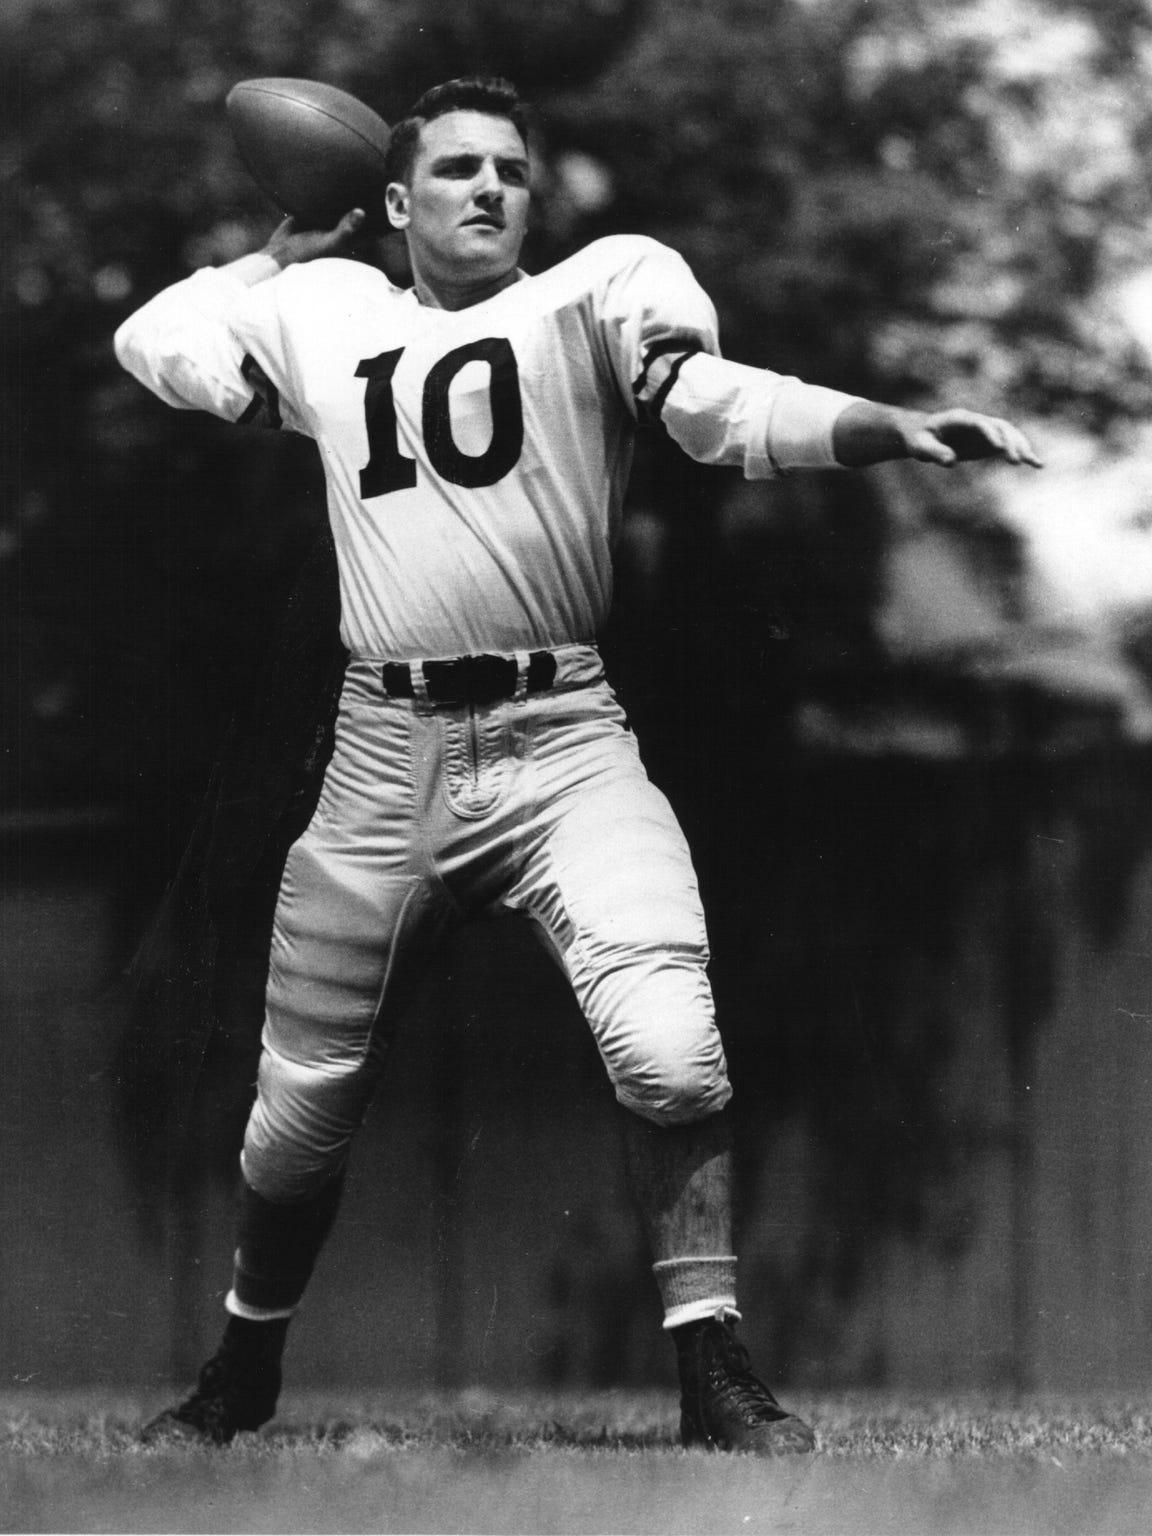 Purdue quarterback Dale Samuels in 1950, the year he